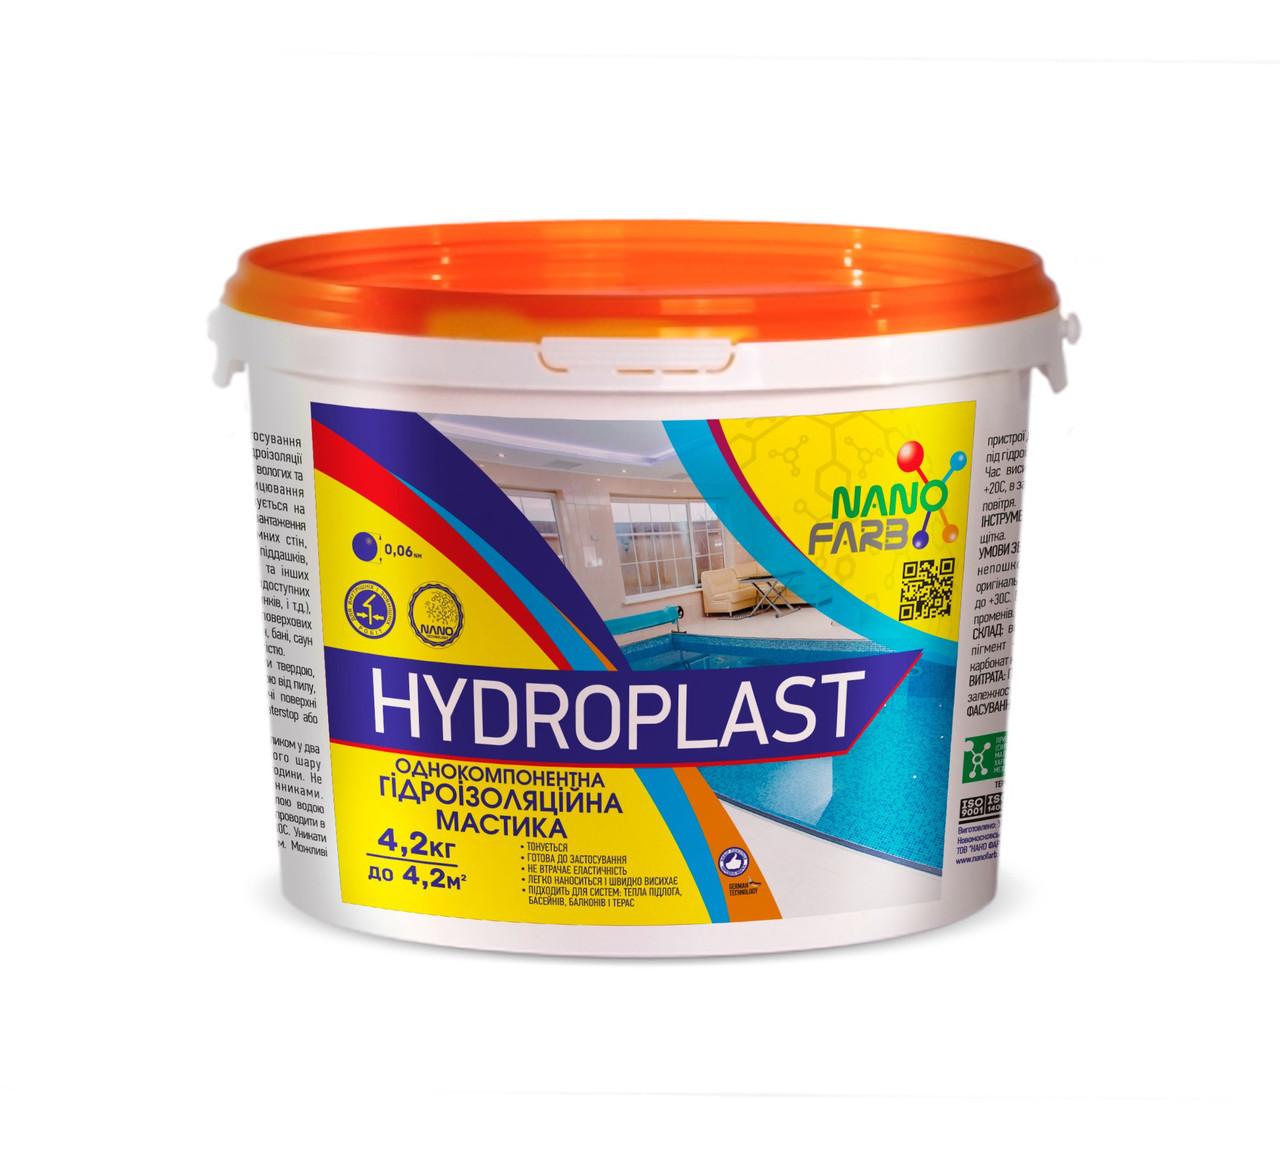 Гидроизоляционная мастика Hydroplast Nano farb 4.2 кг